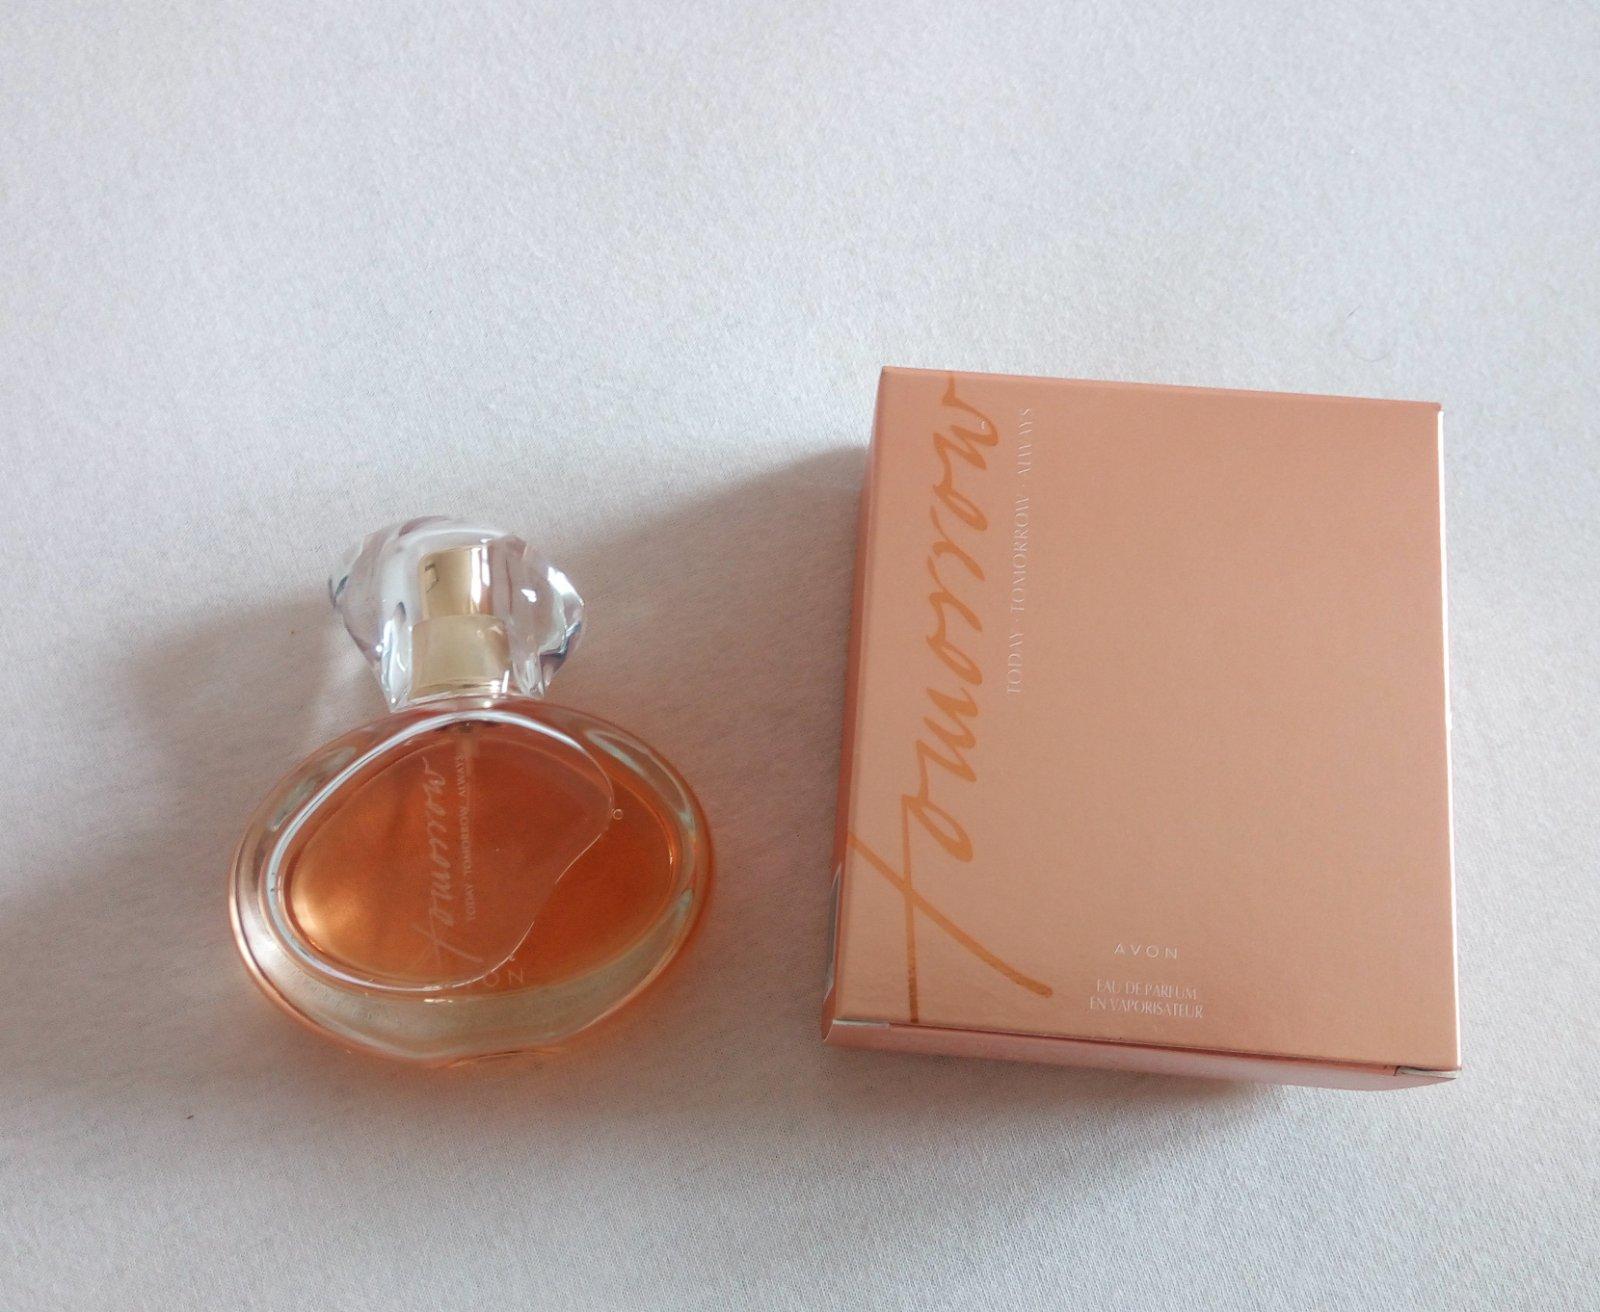 Parfém Avon Tomorrow, 50 ml - Obrázok č. 1